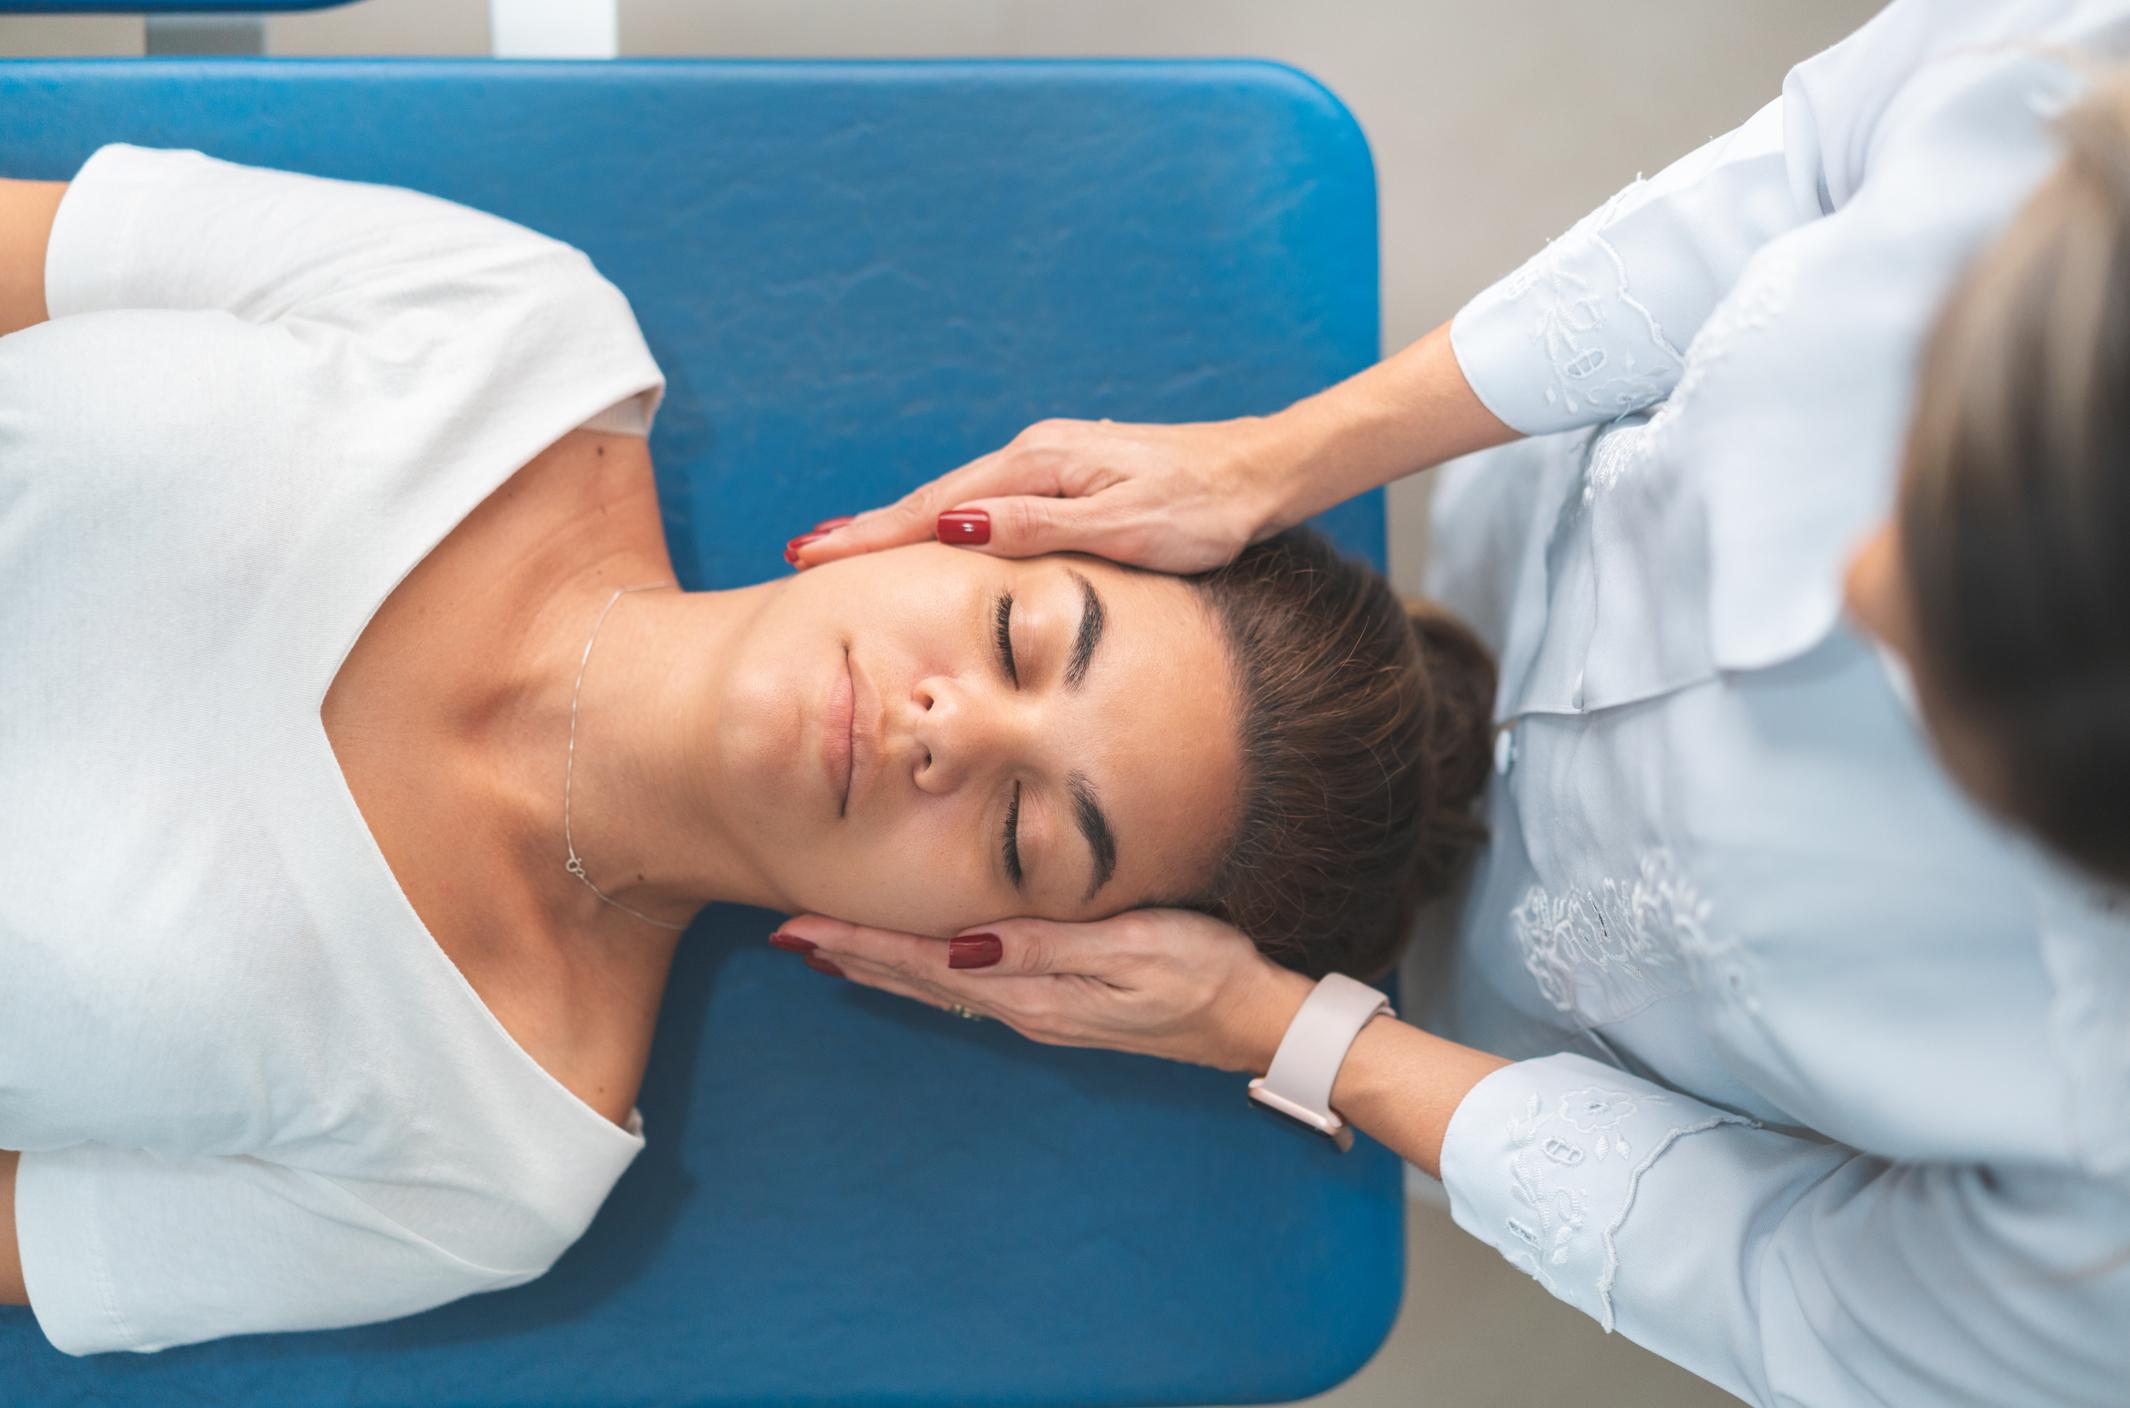 GPR - Global Postural Re-education, neck adjustment